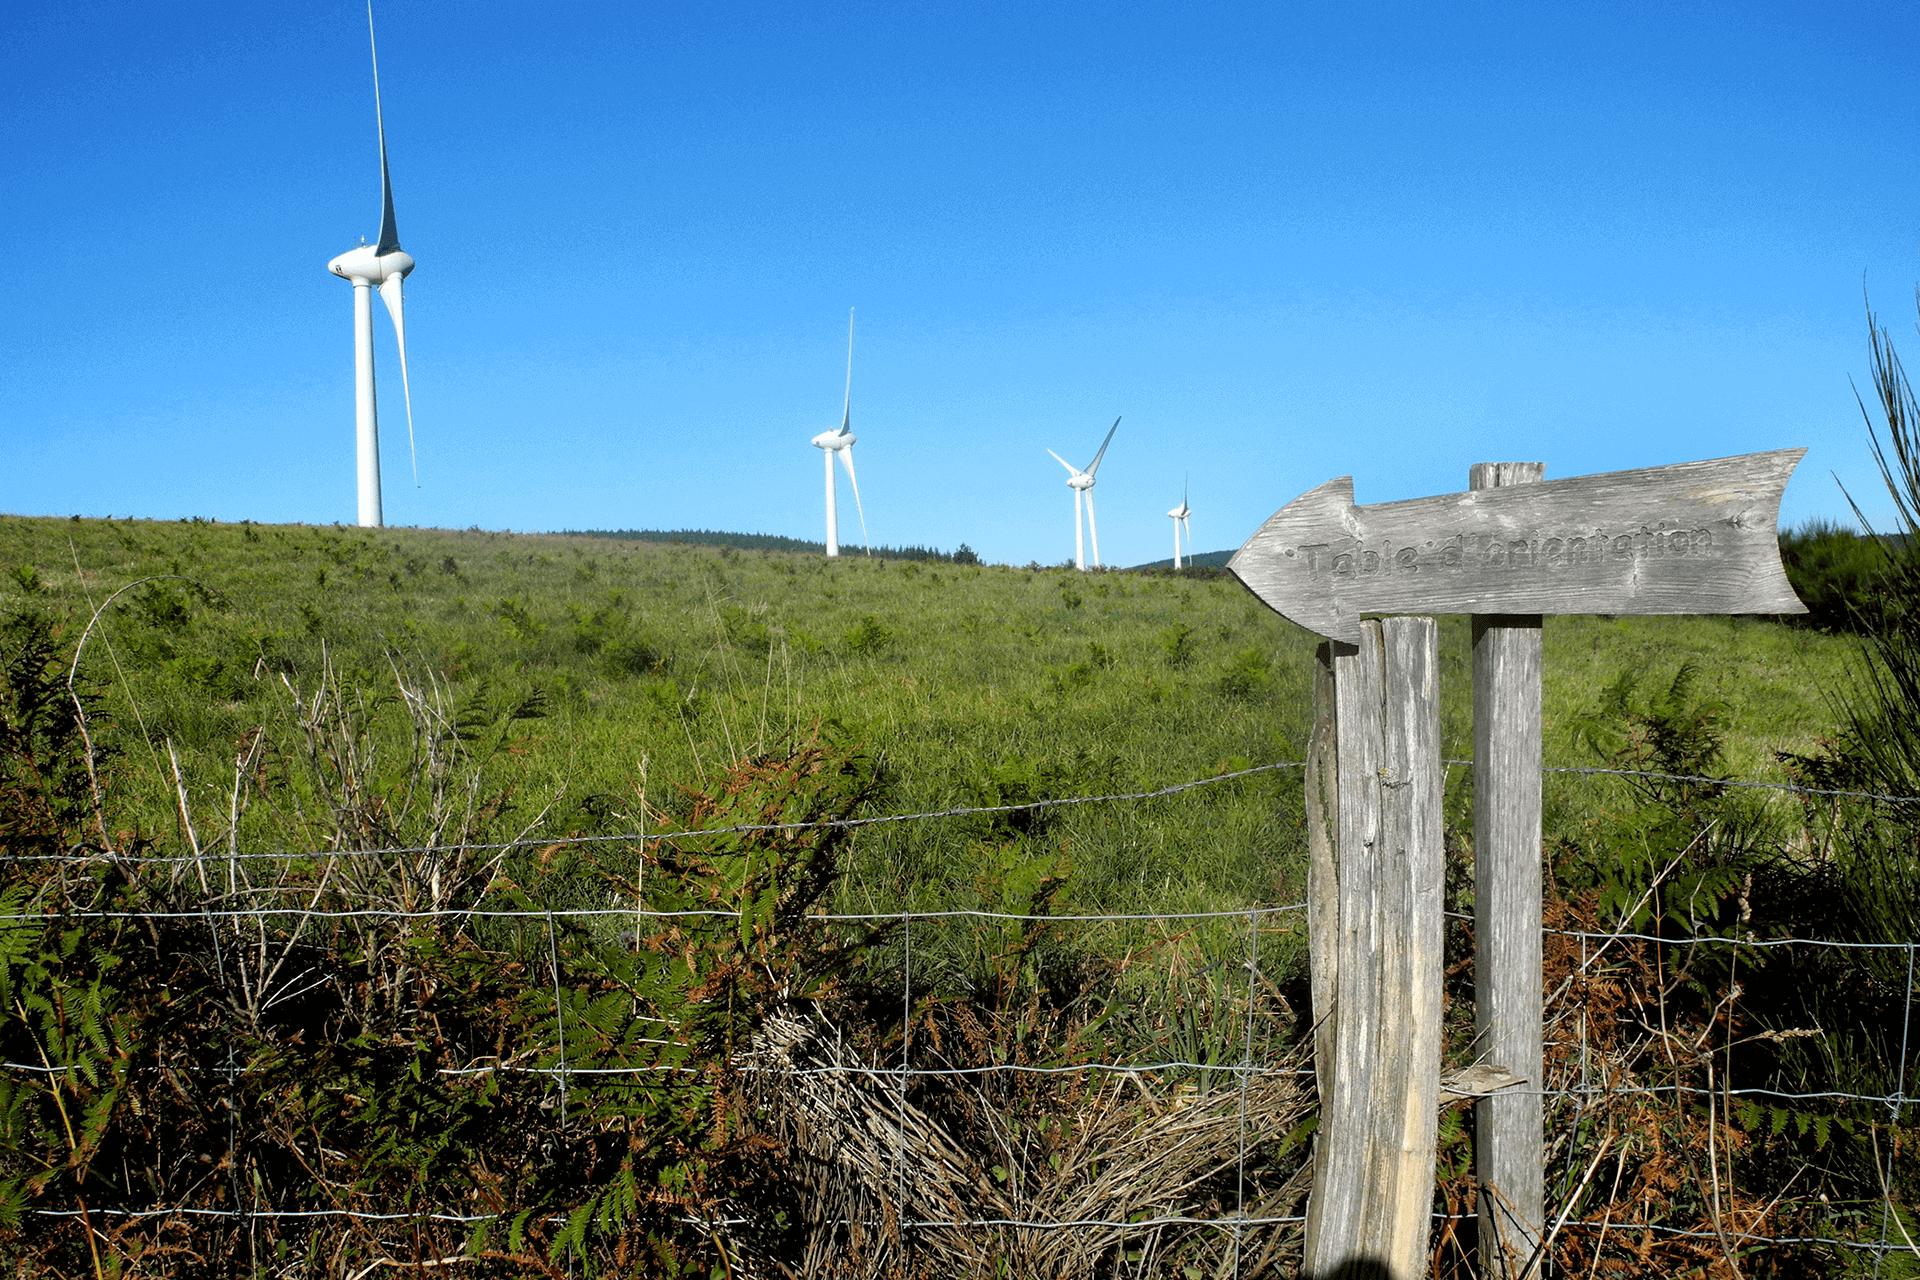 visite parc éolien